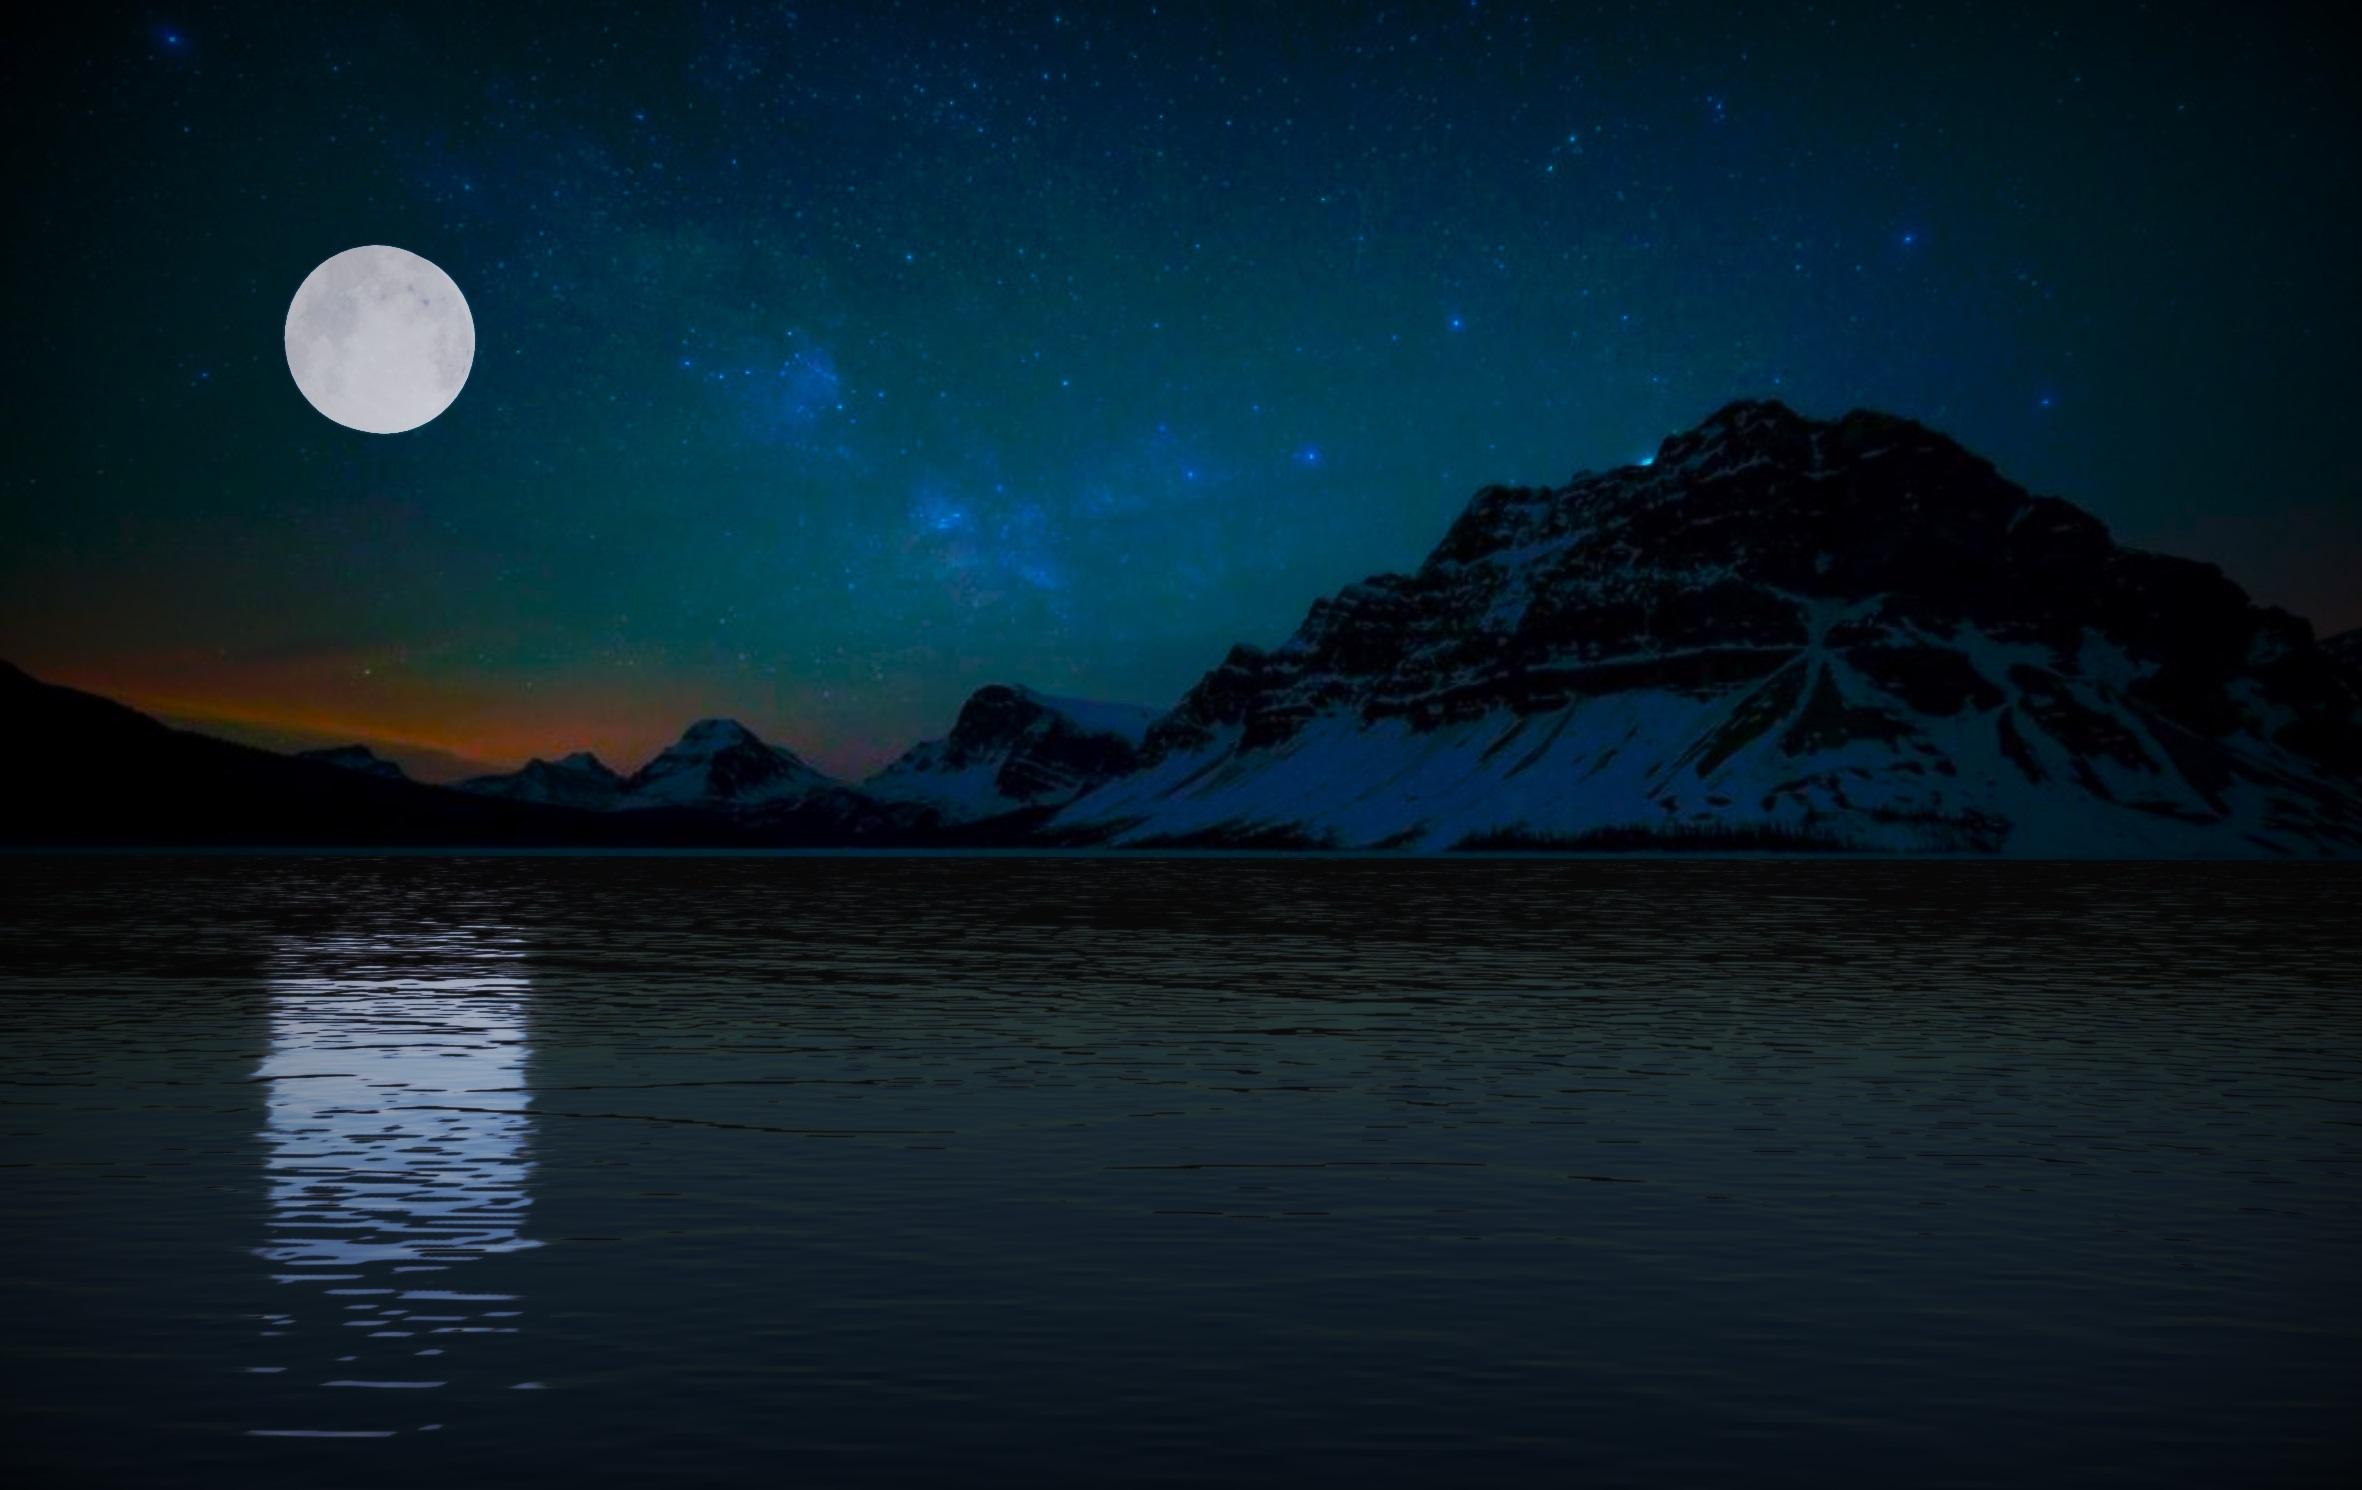 依葫芦画瓢了个月亮keyshot渲染